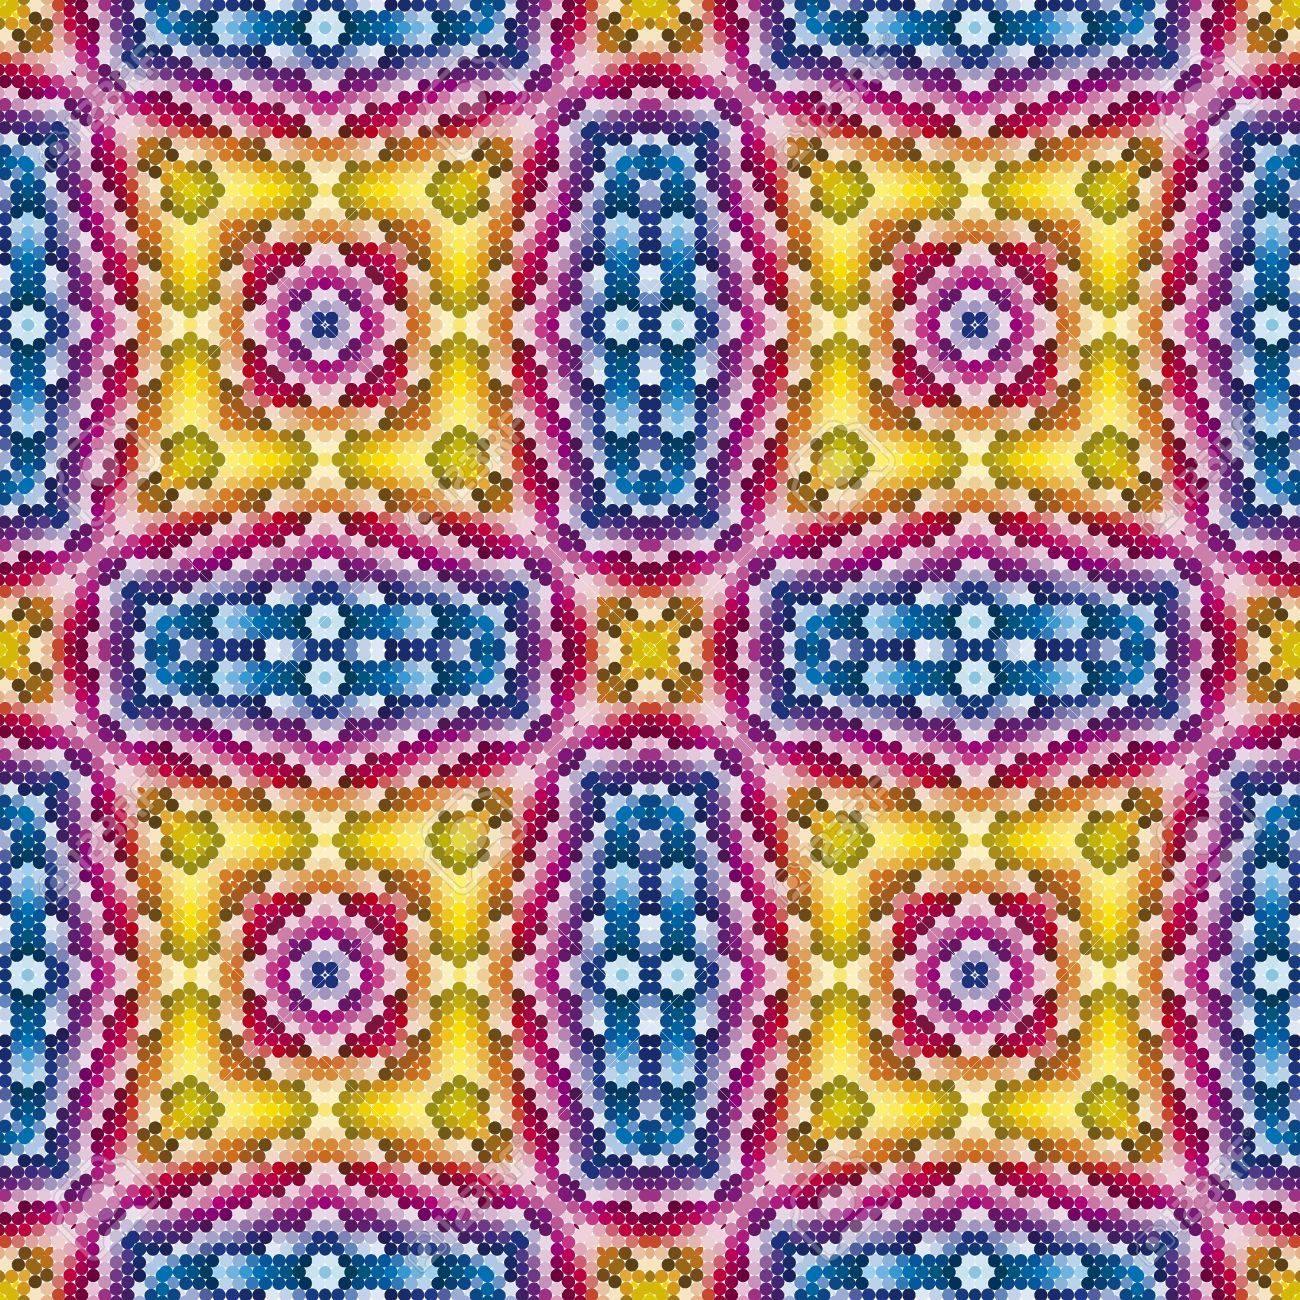 Römischen Oder Griechischen Mosaik Historische Muster Mit Runden - Fliesen historische muster